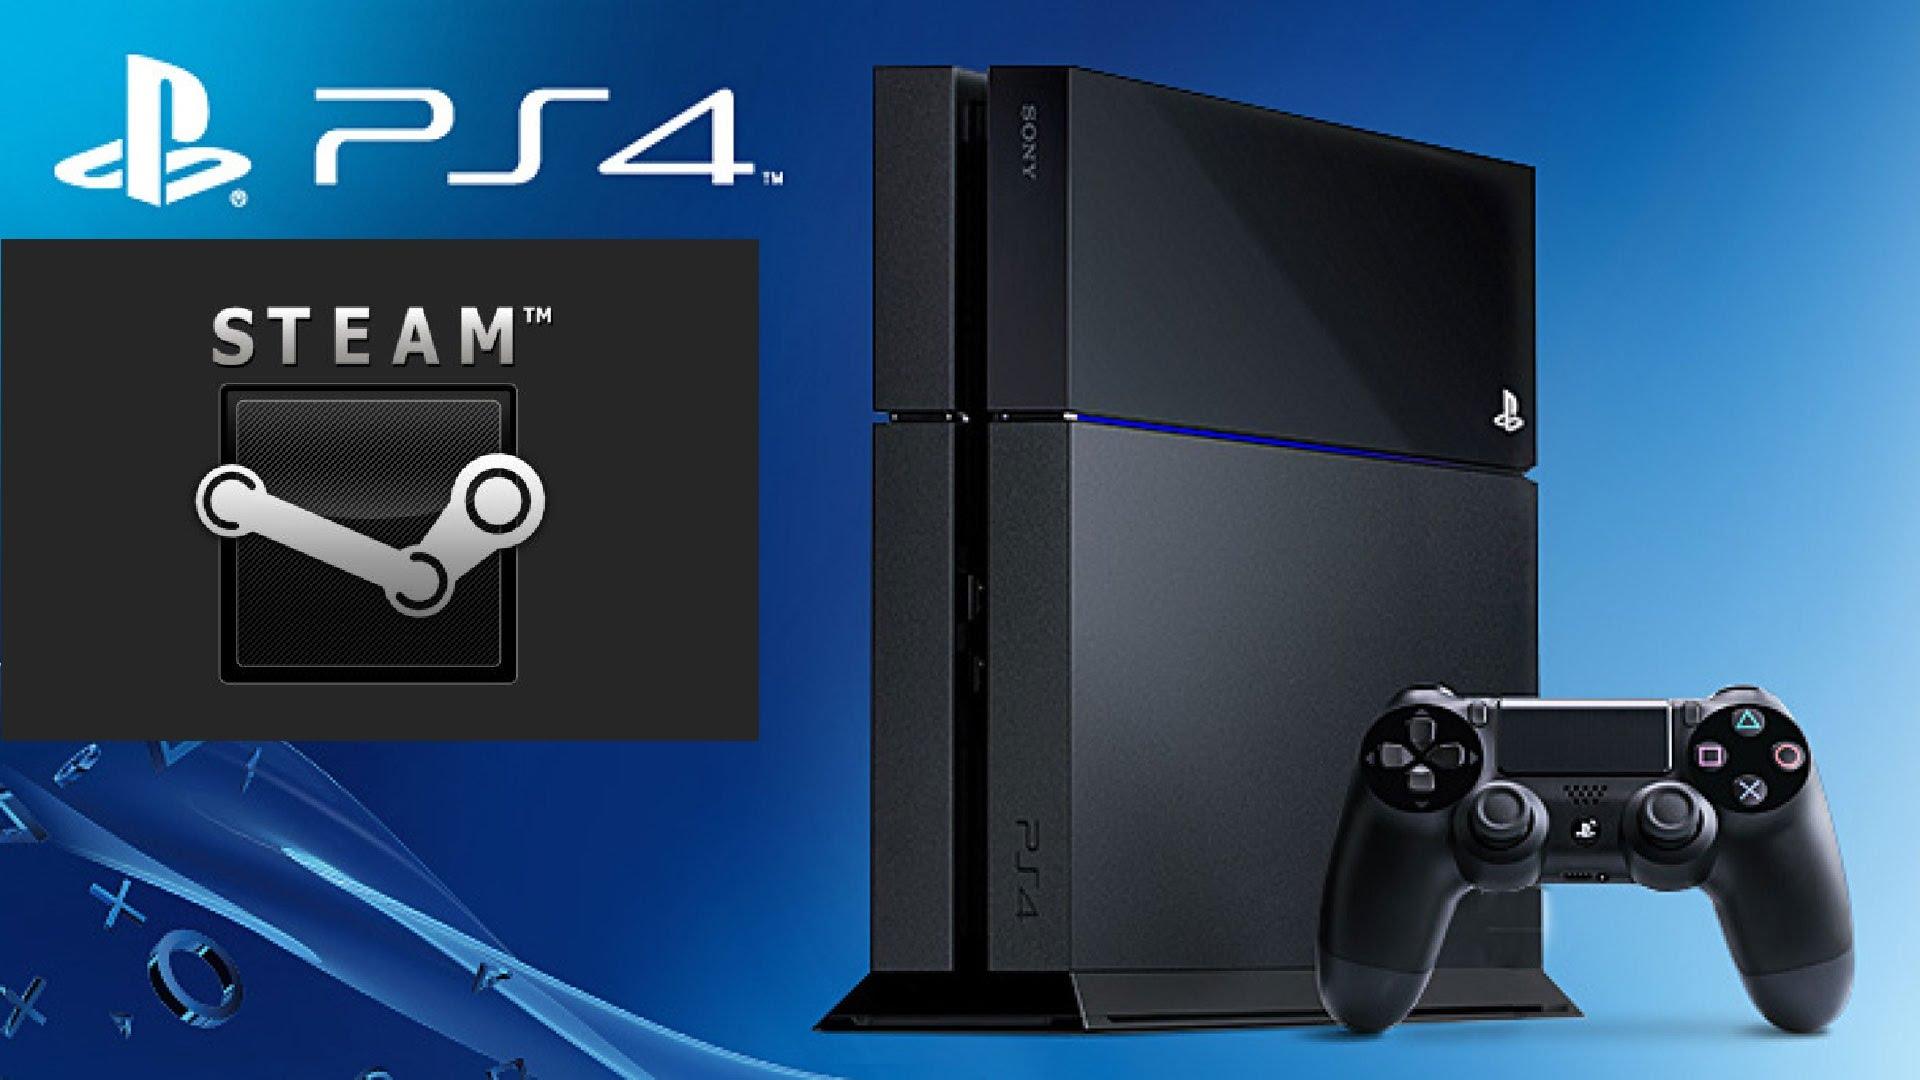 ¿PlayStation o Steam? Qué es mejor para ti